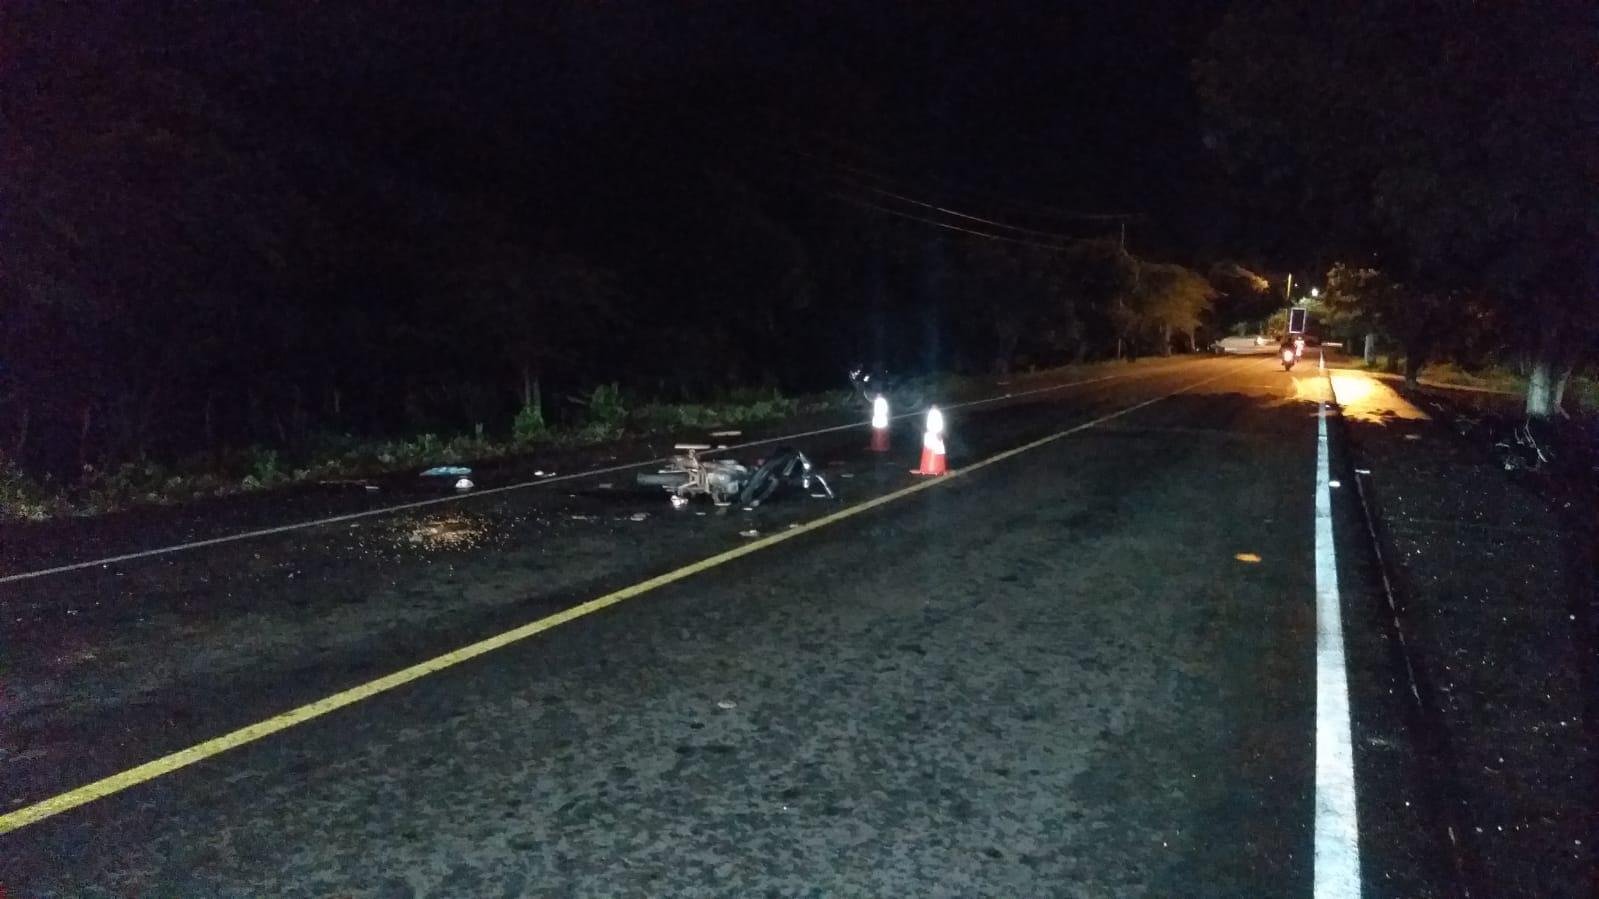 Un muerto y 5 heridos en triple choque de motos en Manzanillo del Mar